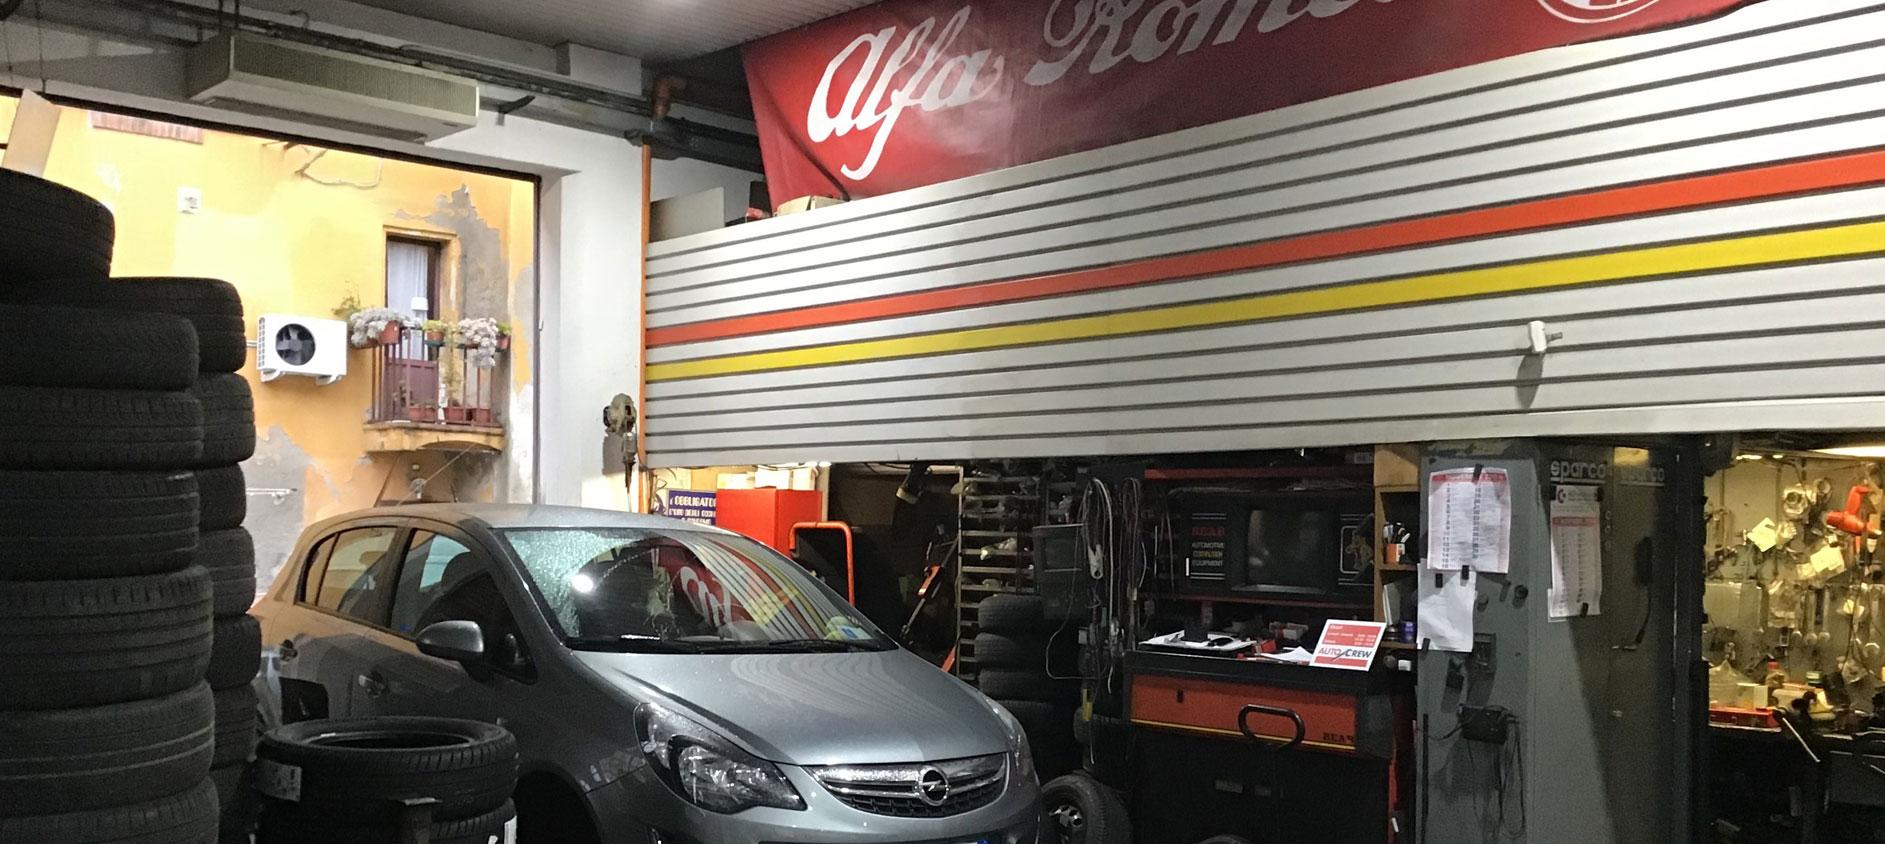 Autofficina Orsi Assistenza veicoli di tutte le marche